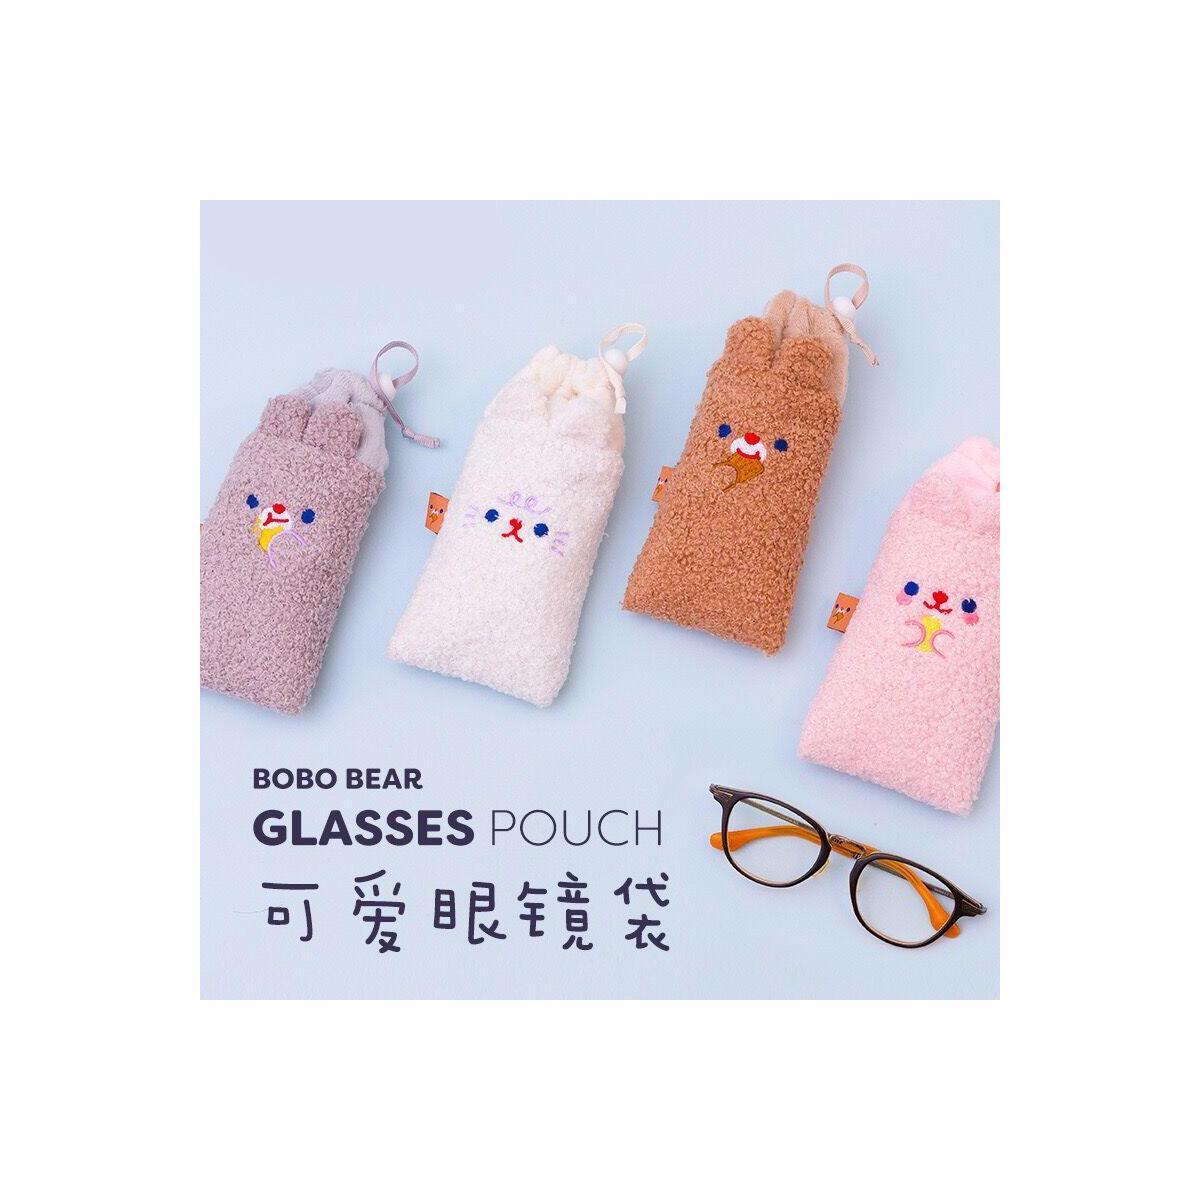 Cute Plush Bear Eye Glasses Travel Pouch, Pink